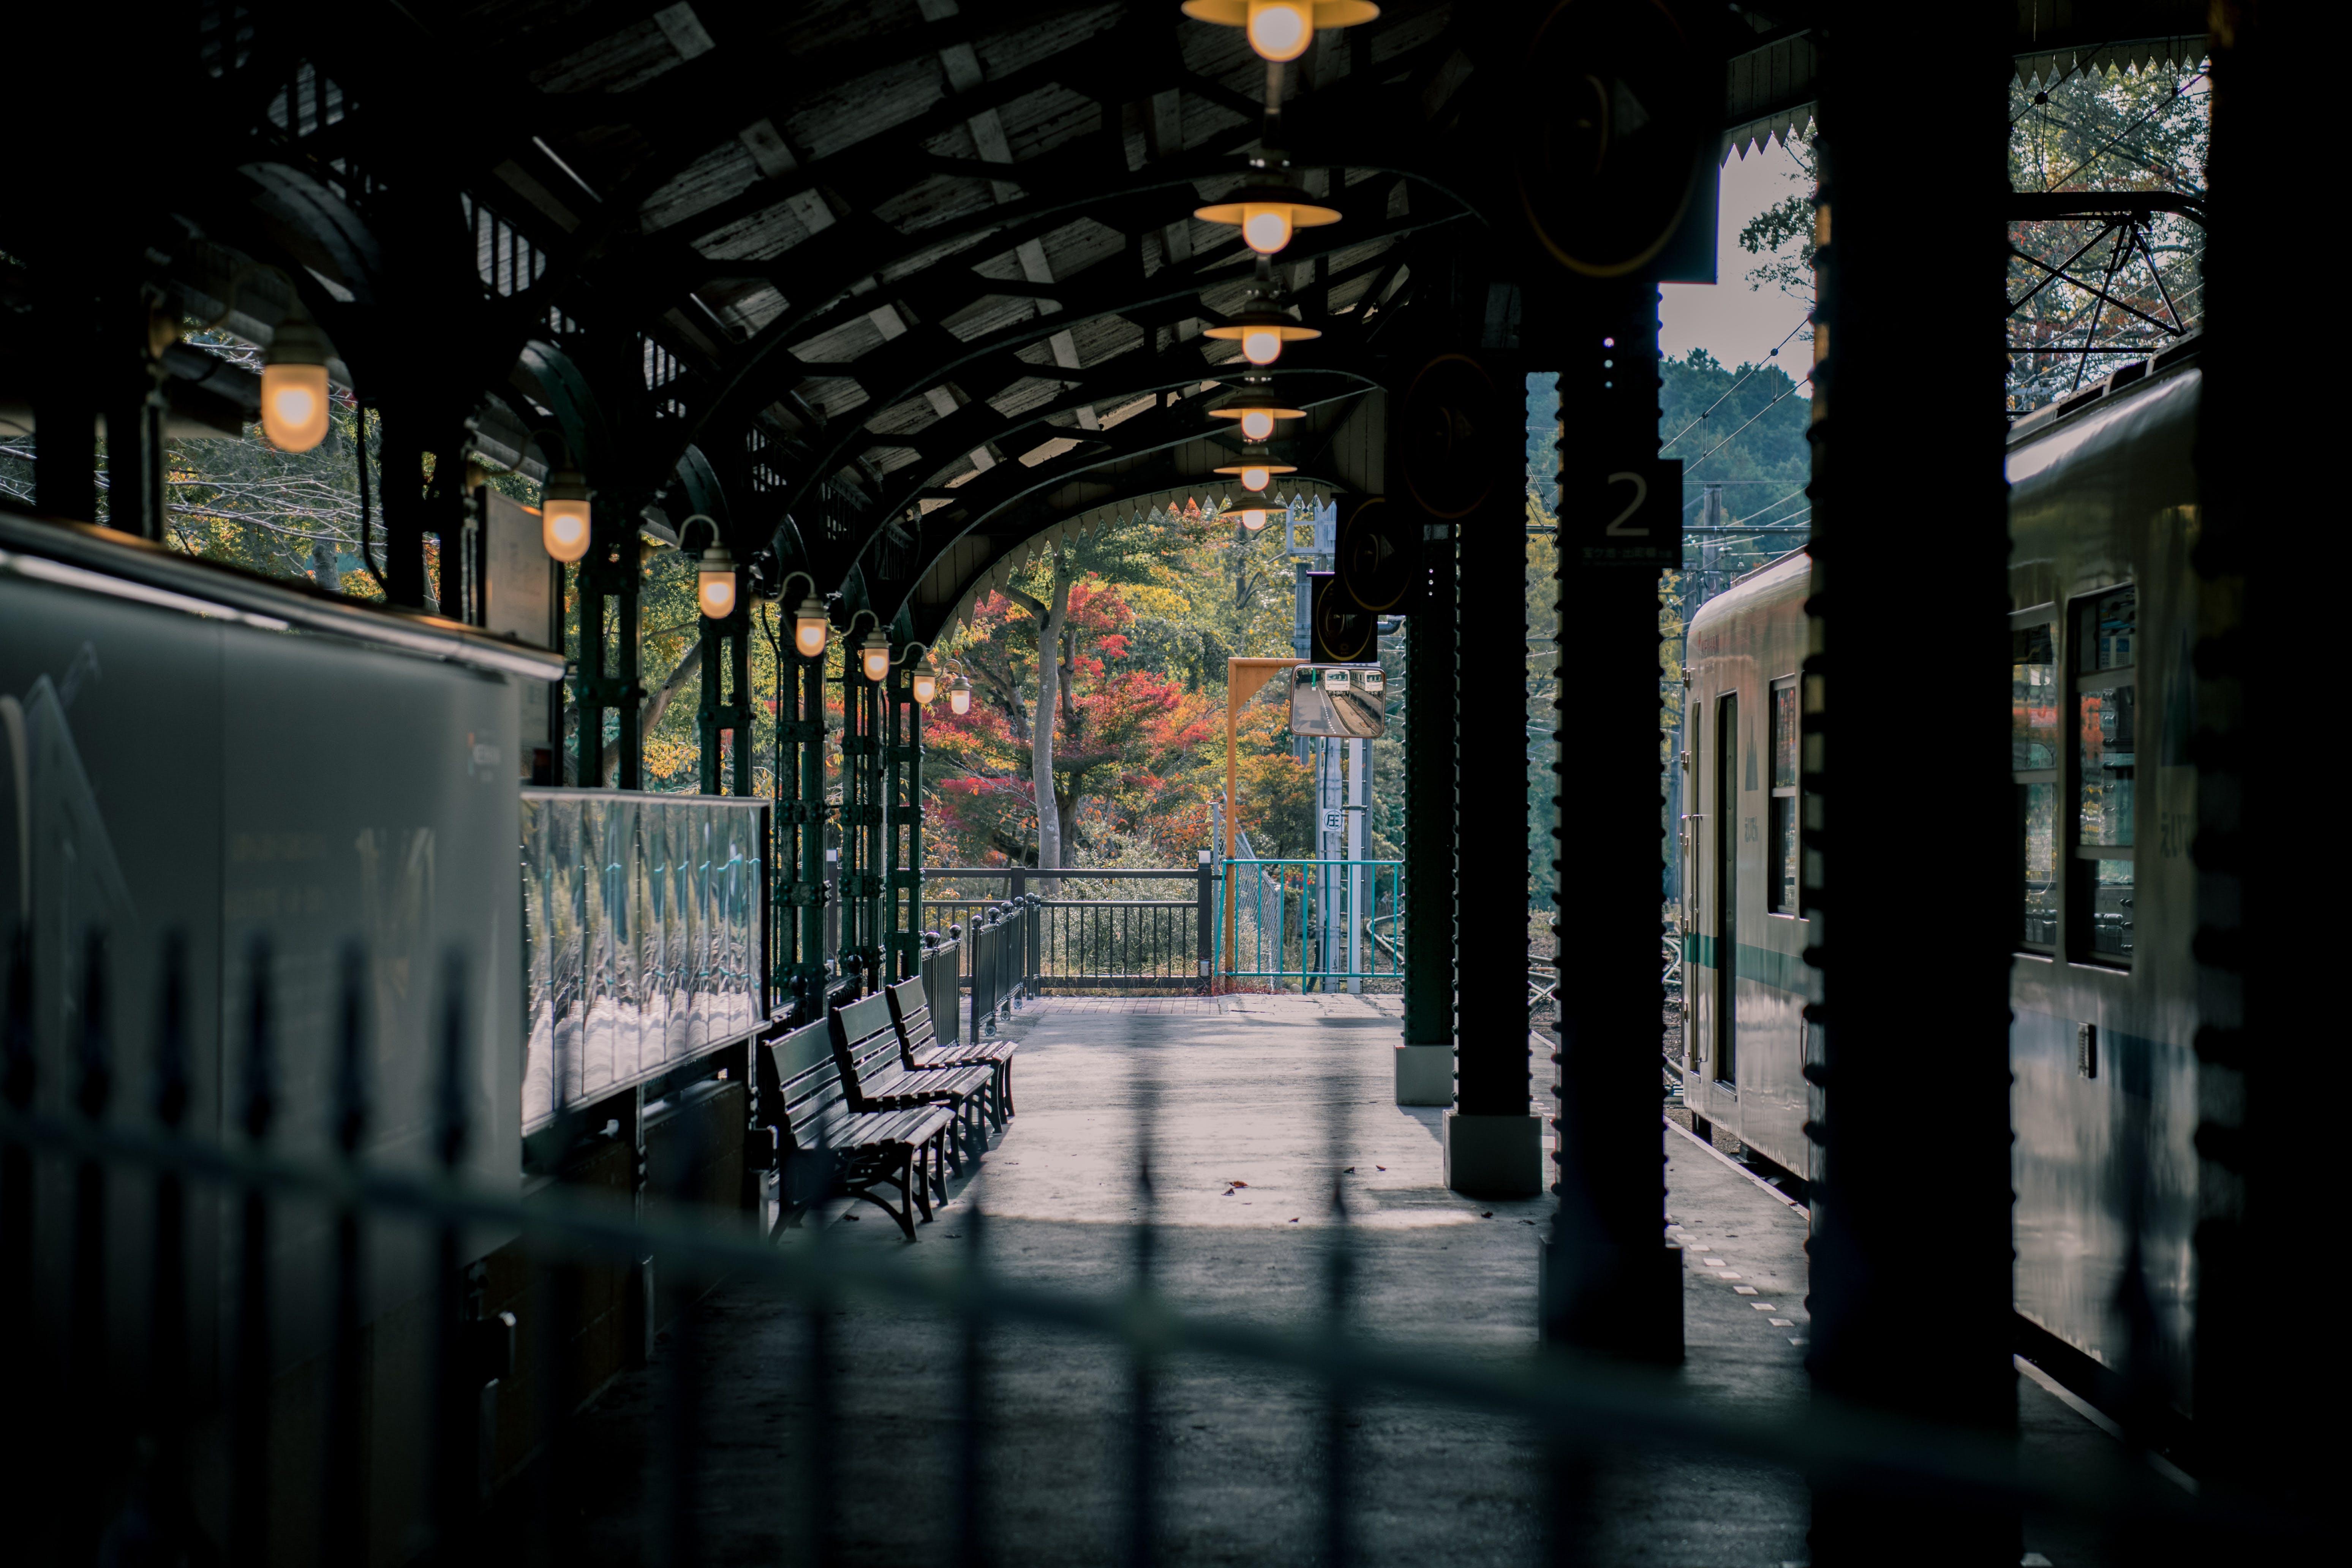 Foto profissional grátis de estação, estação de trem, esvaziar, sistema de metrô